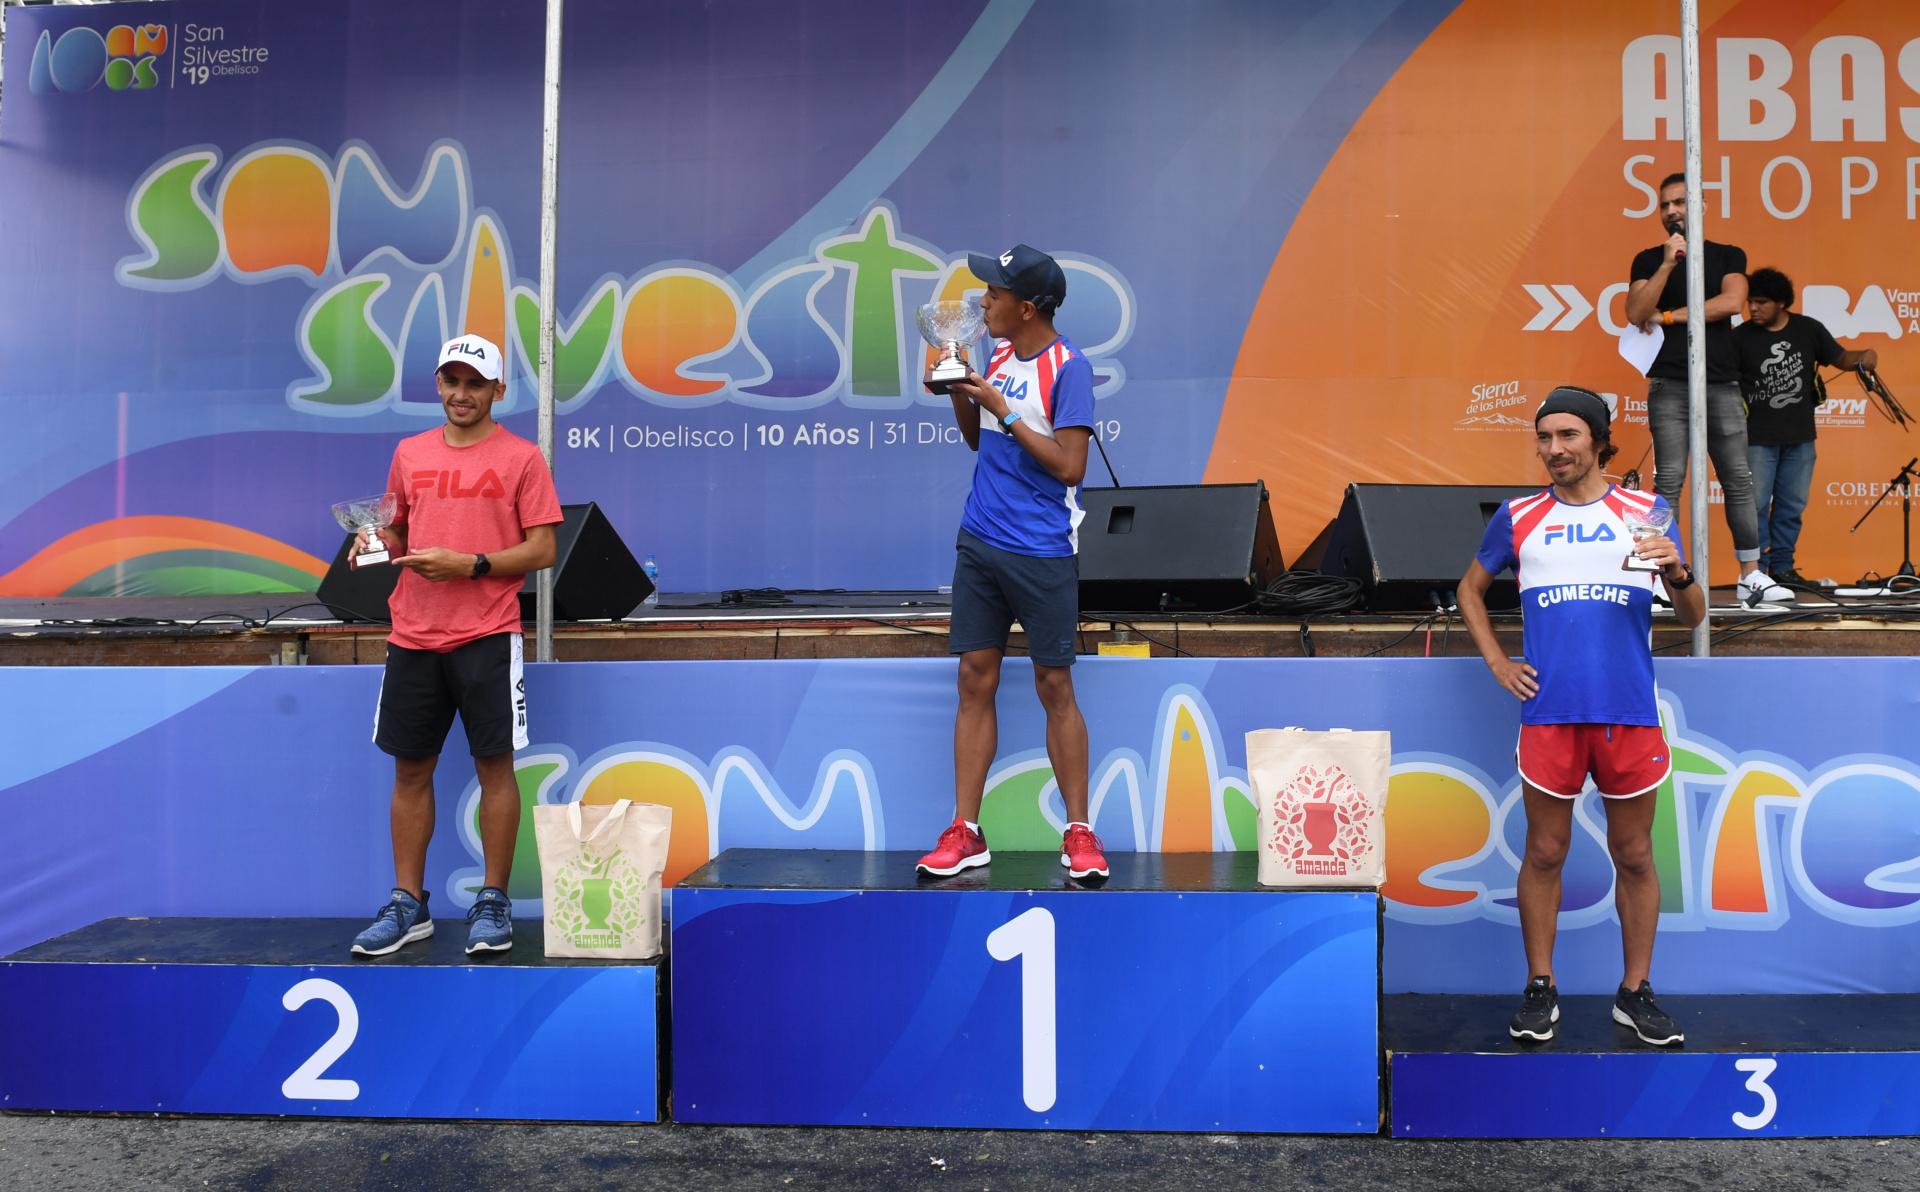 David Rodríguez (primero), Martín Méndez (segundo) y Ulises Sanguinetti (tercero) en el podio (Maximiliano Luna)